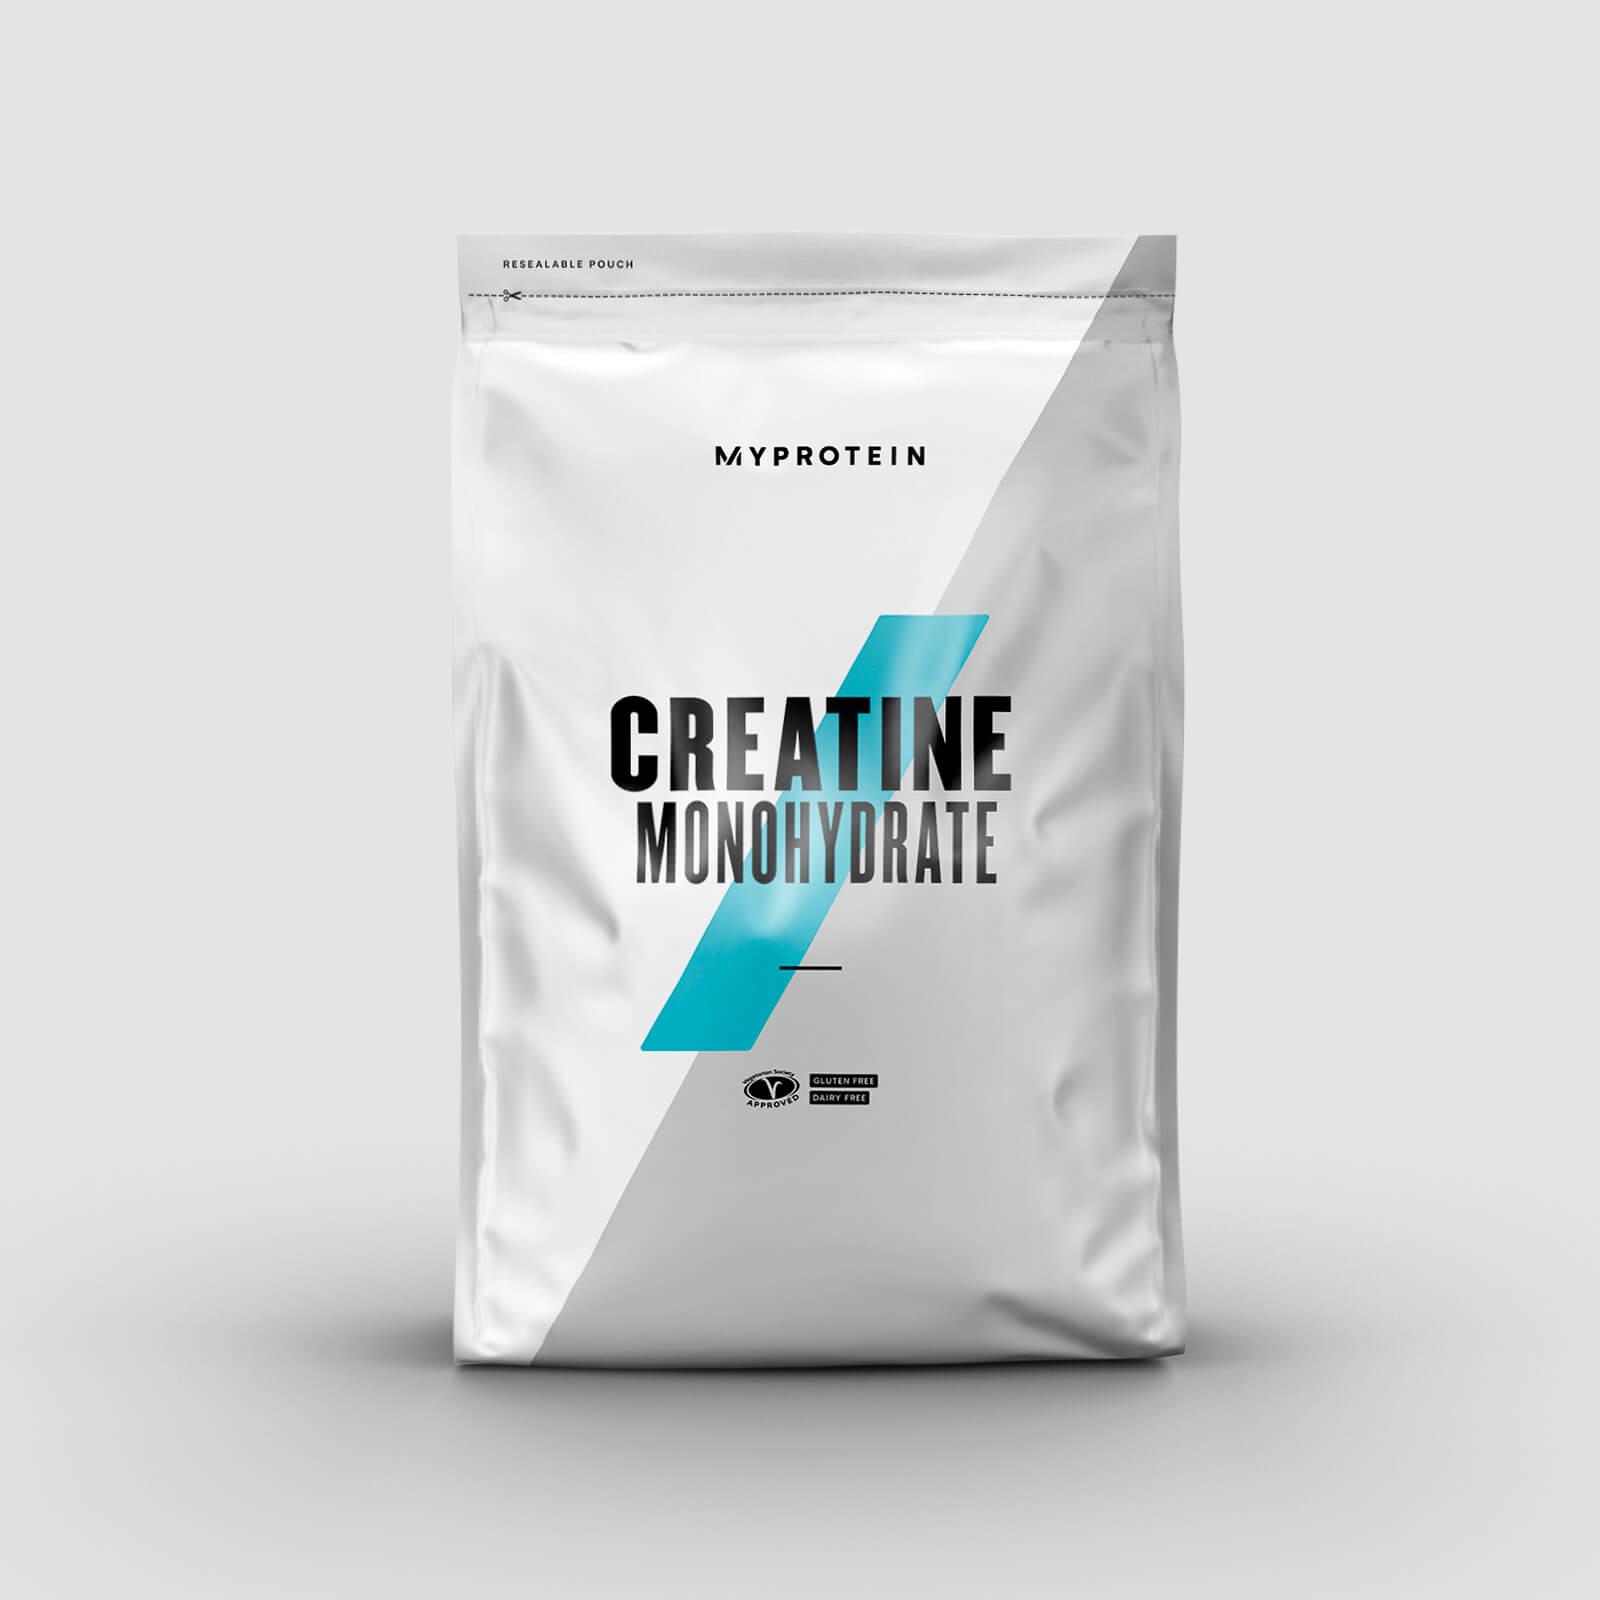 Myprotein Creatine Monohydrate Powder - 500g - Tropical